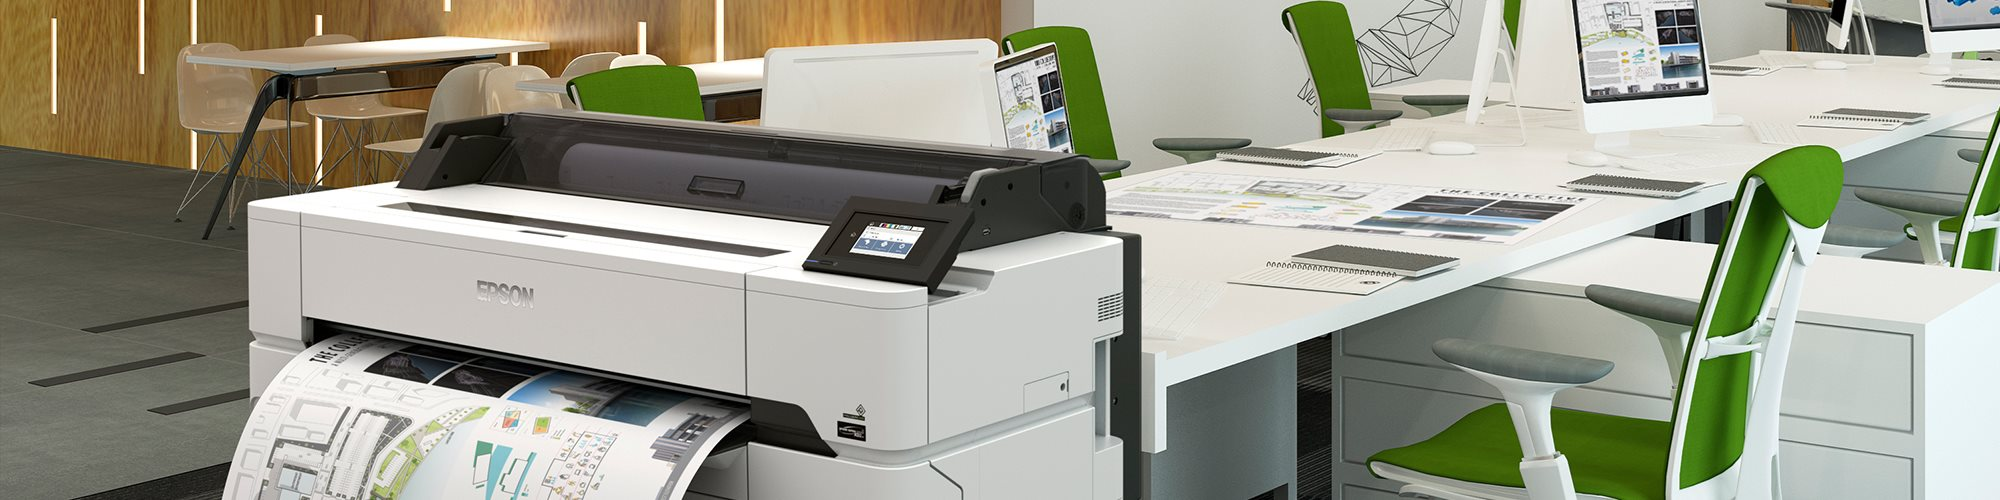 Recomendaciones parael Mantenimiento Impresoras EPSON